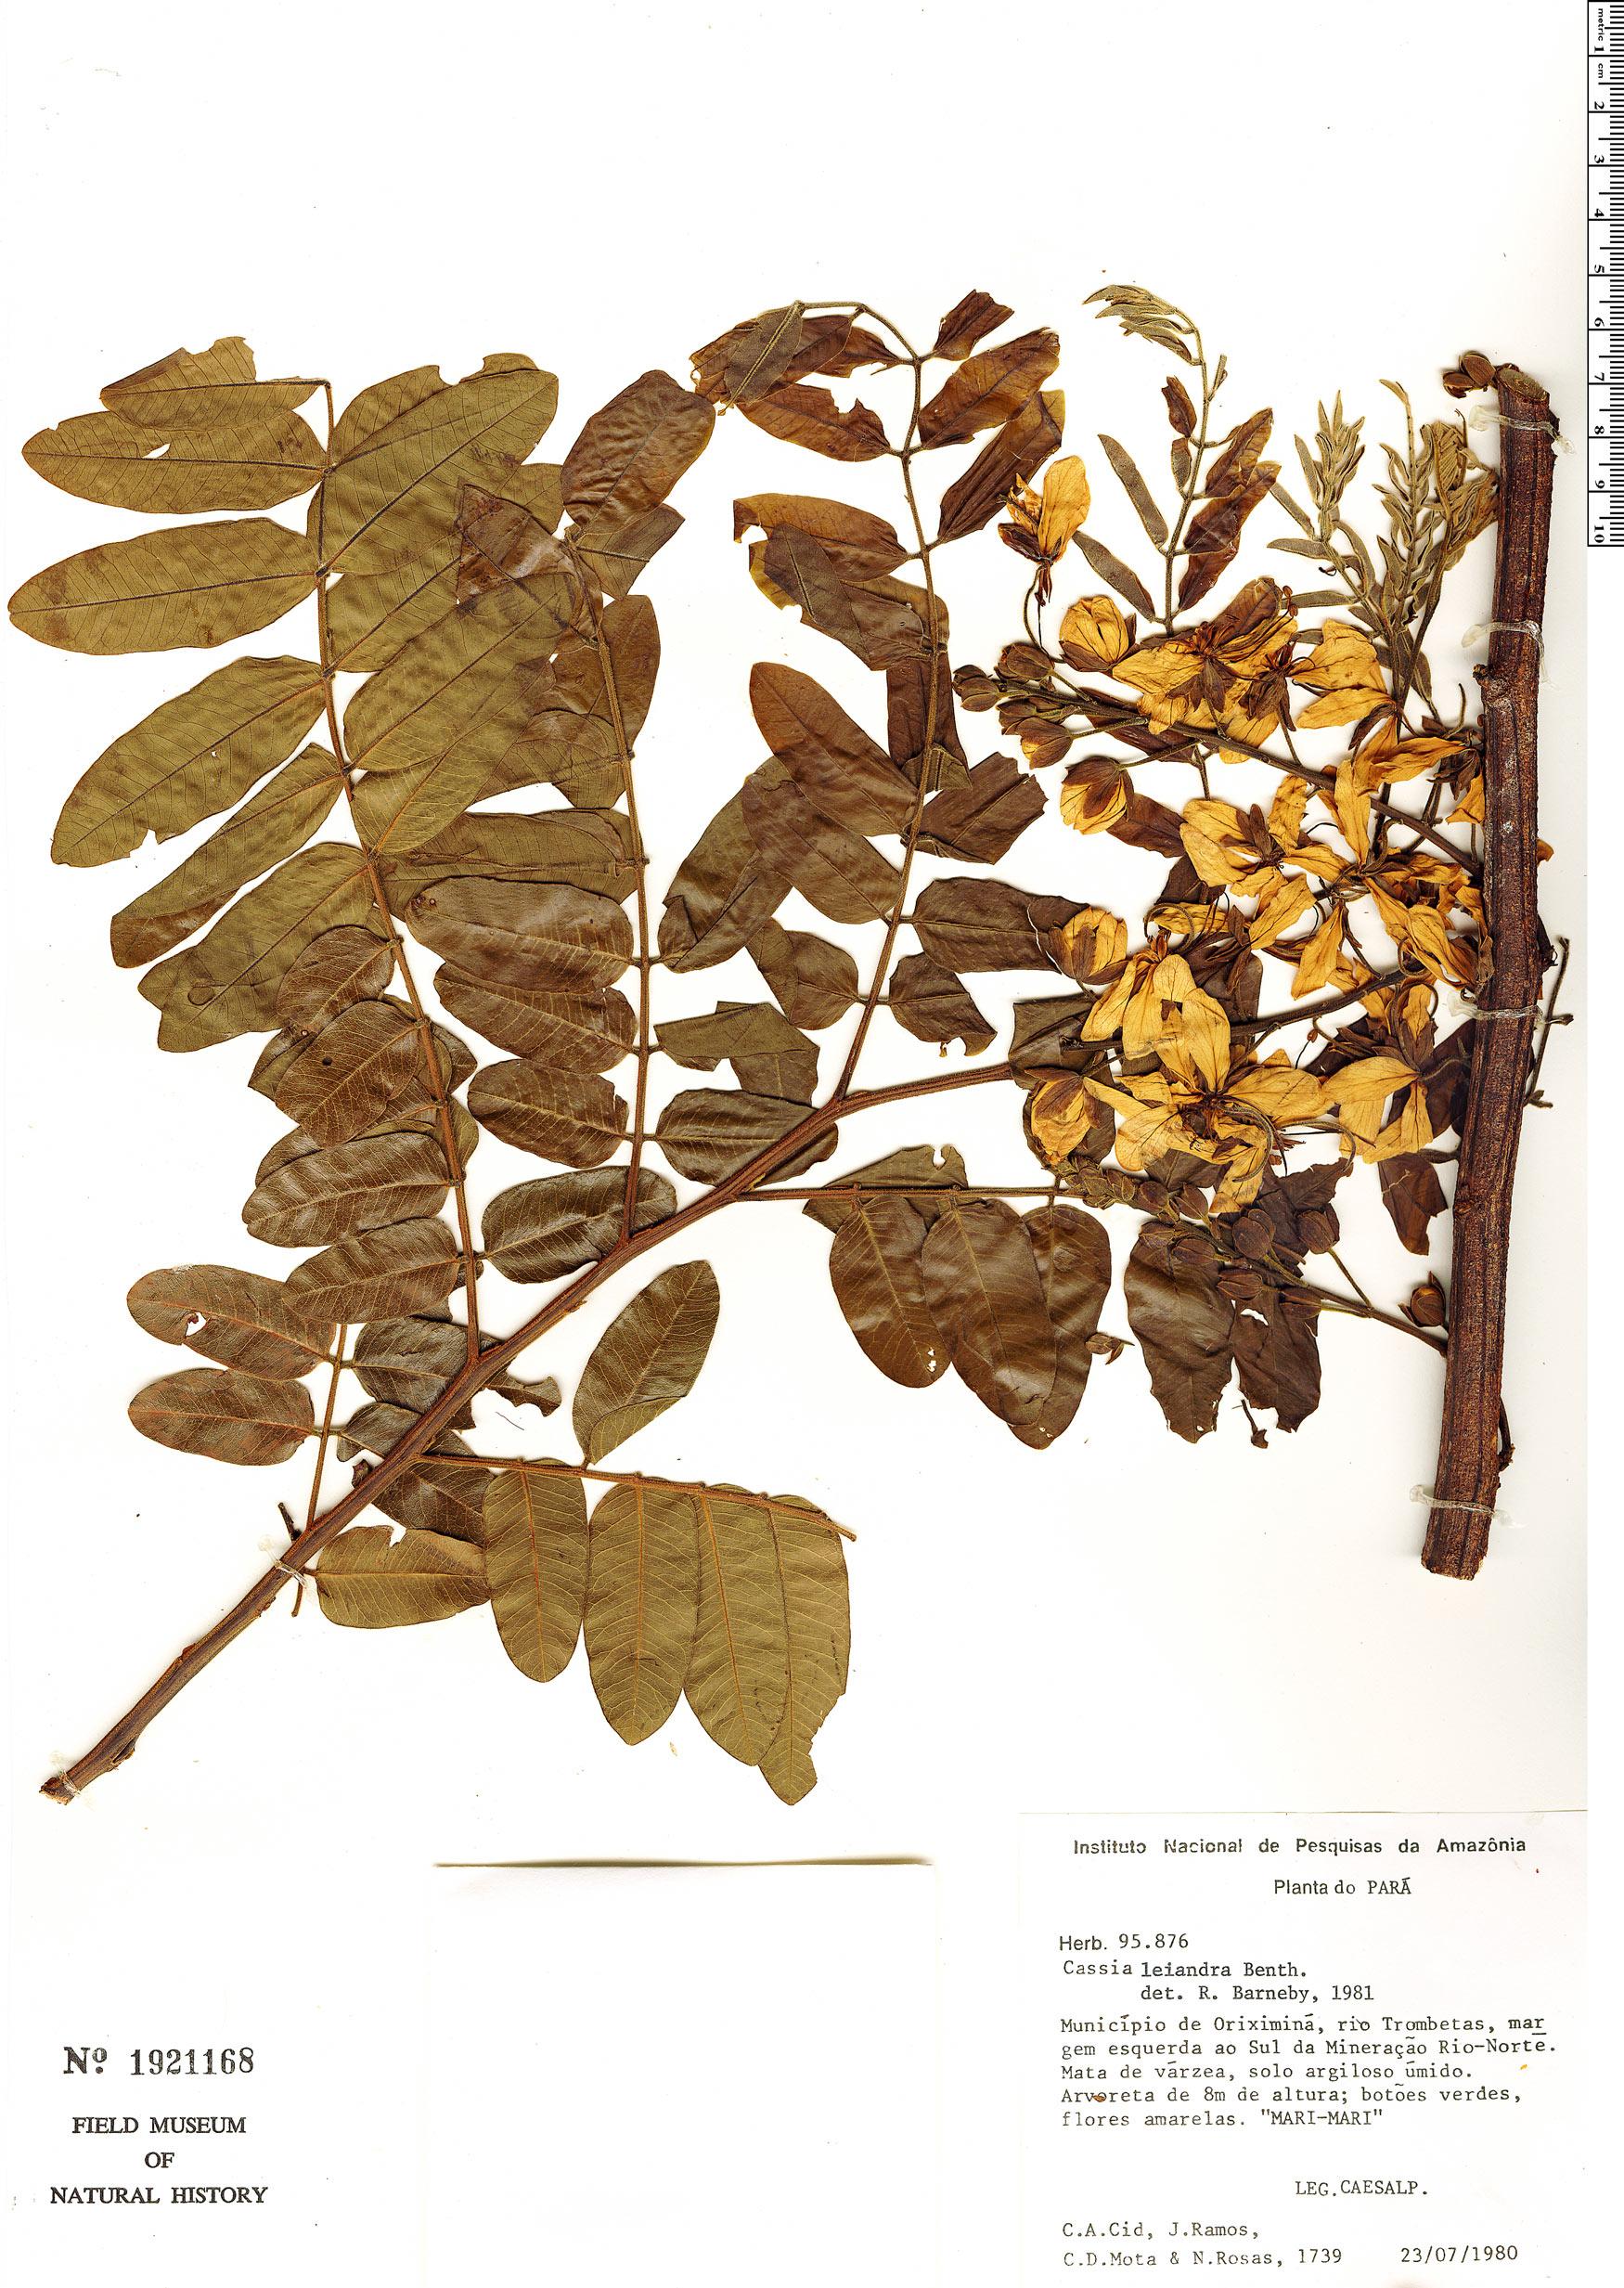 Specimen: Cassia leiandra